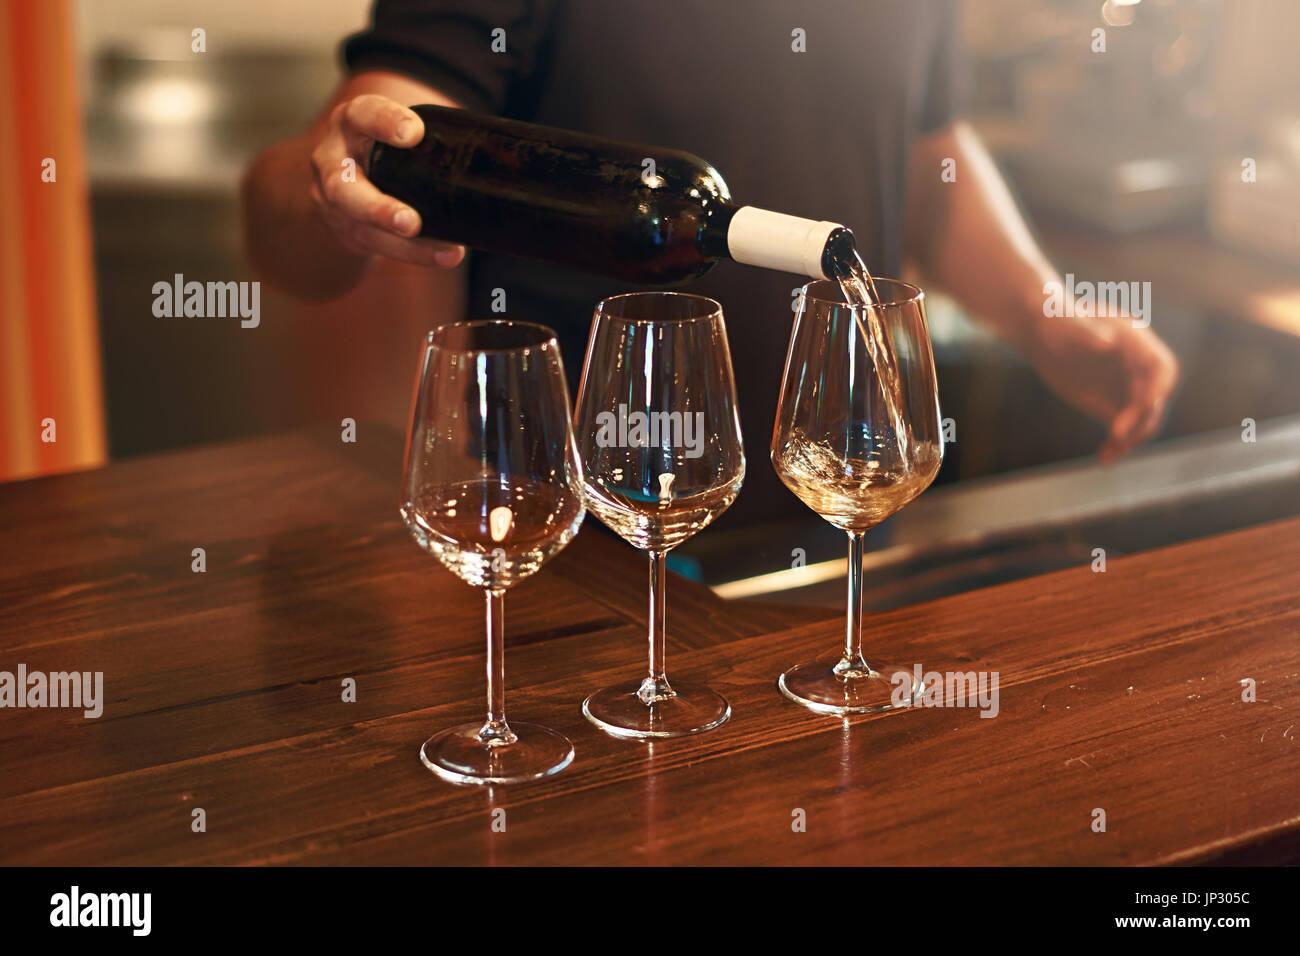 Sommelier gießt Pinot Gris in Gläsern für Degustation Wein Stockbild